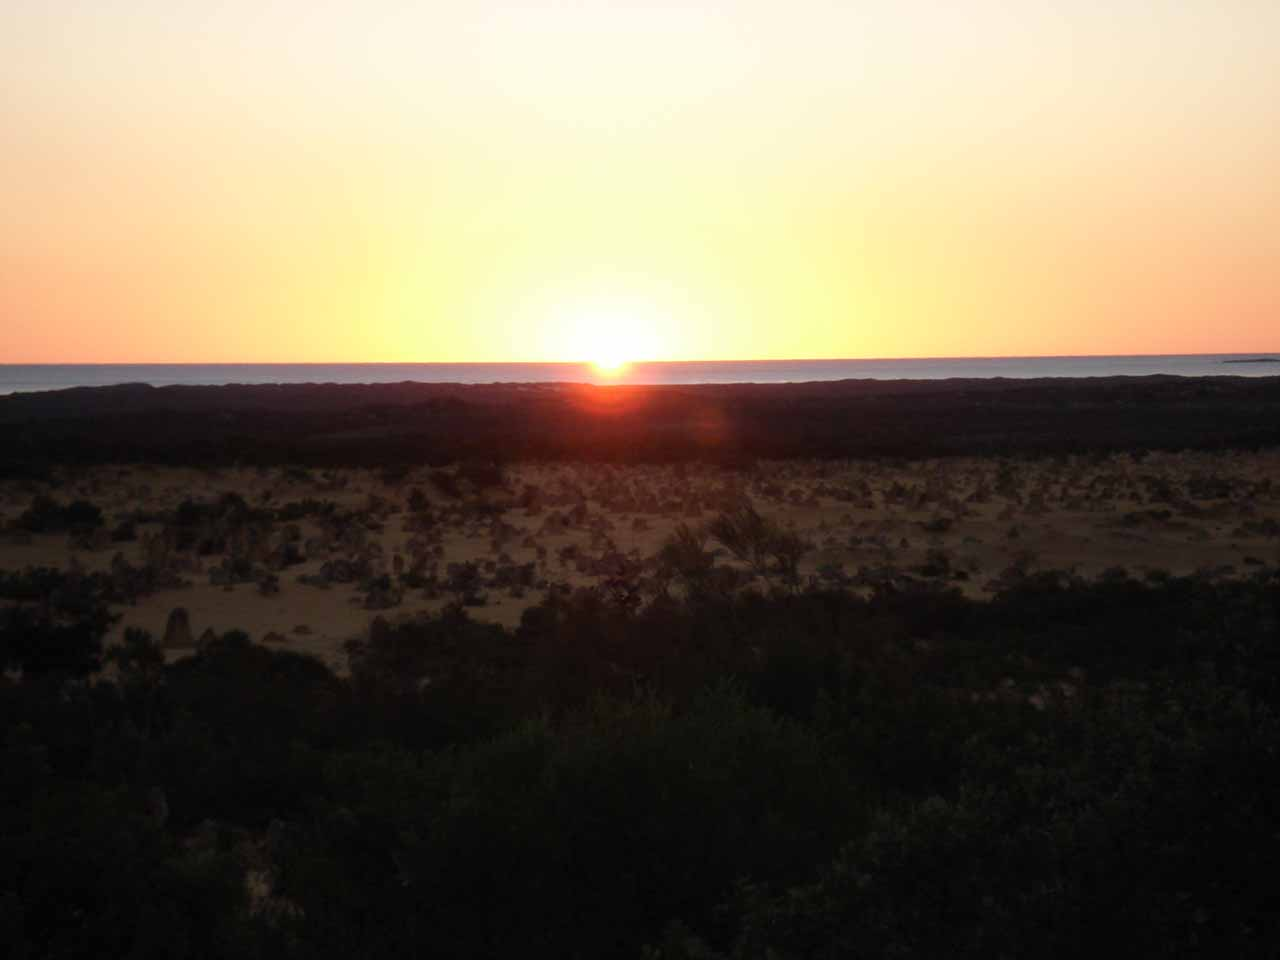 Sunset at the Pinnacles